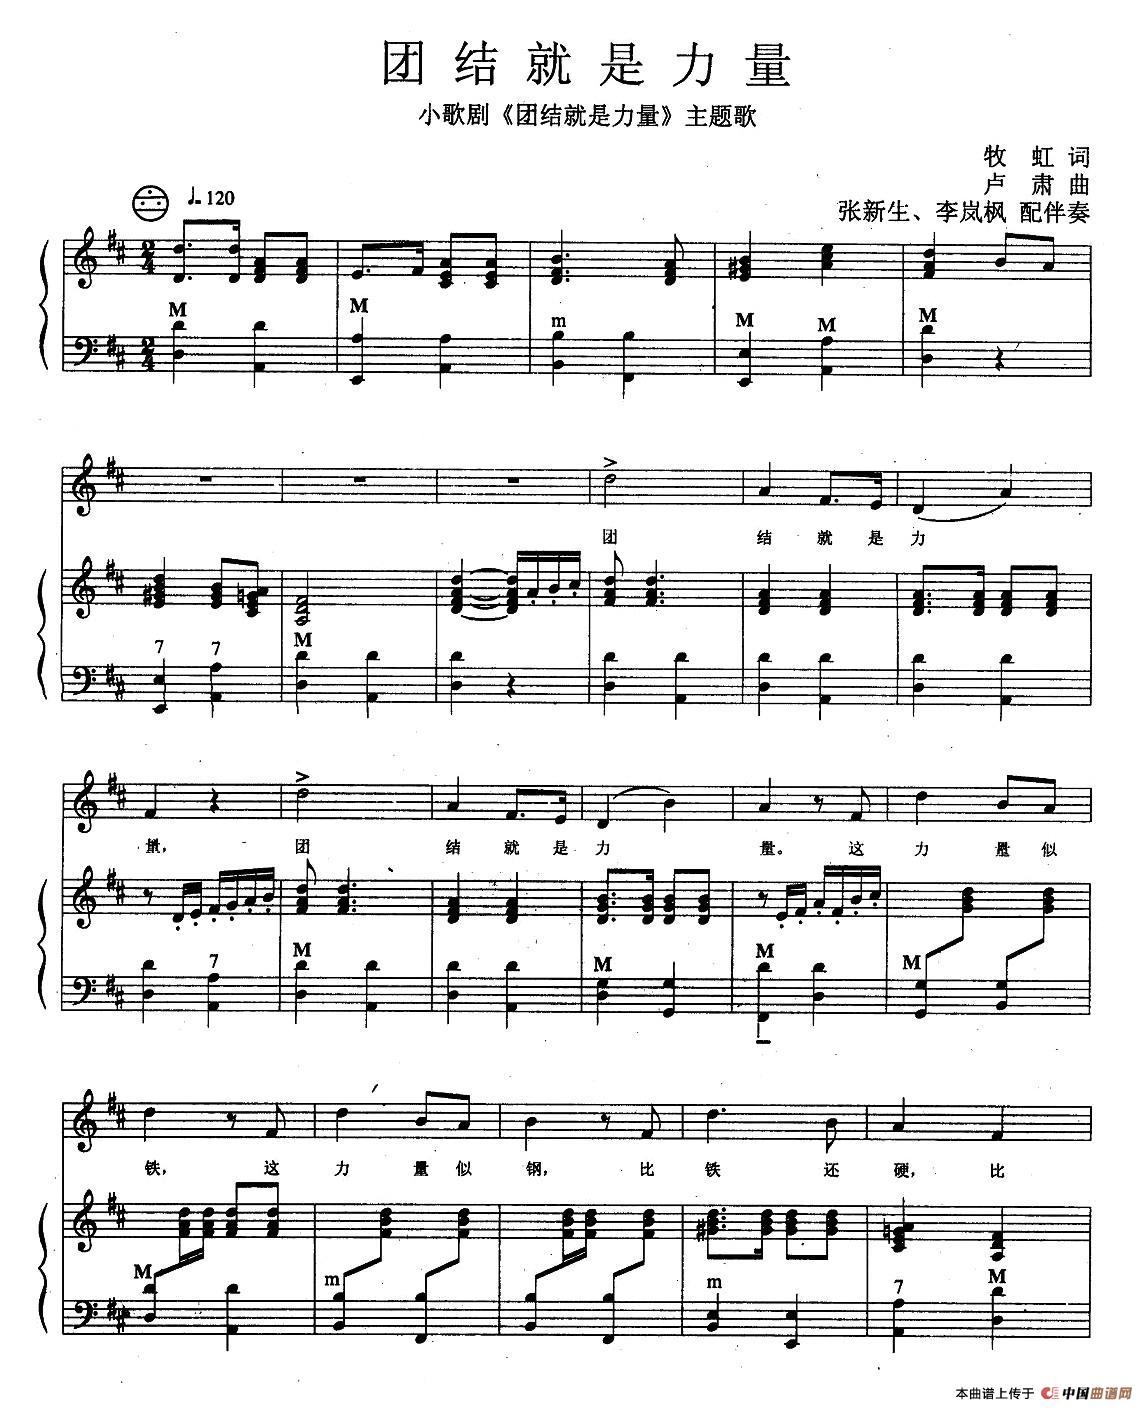 线谱 正谱 民歌曲谱 中国曲谱网